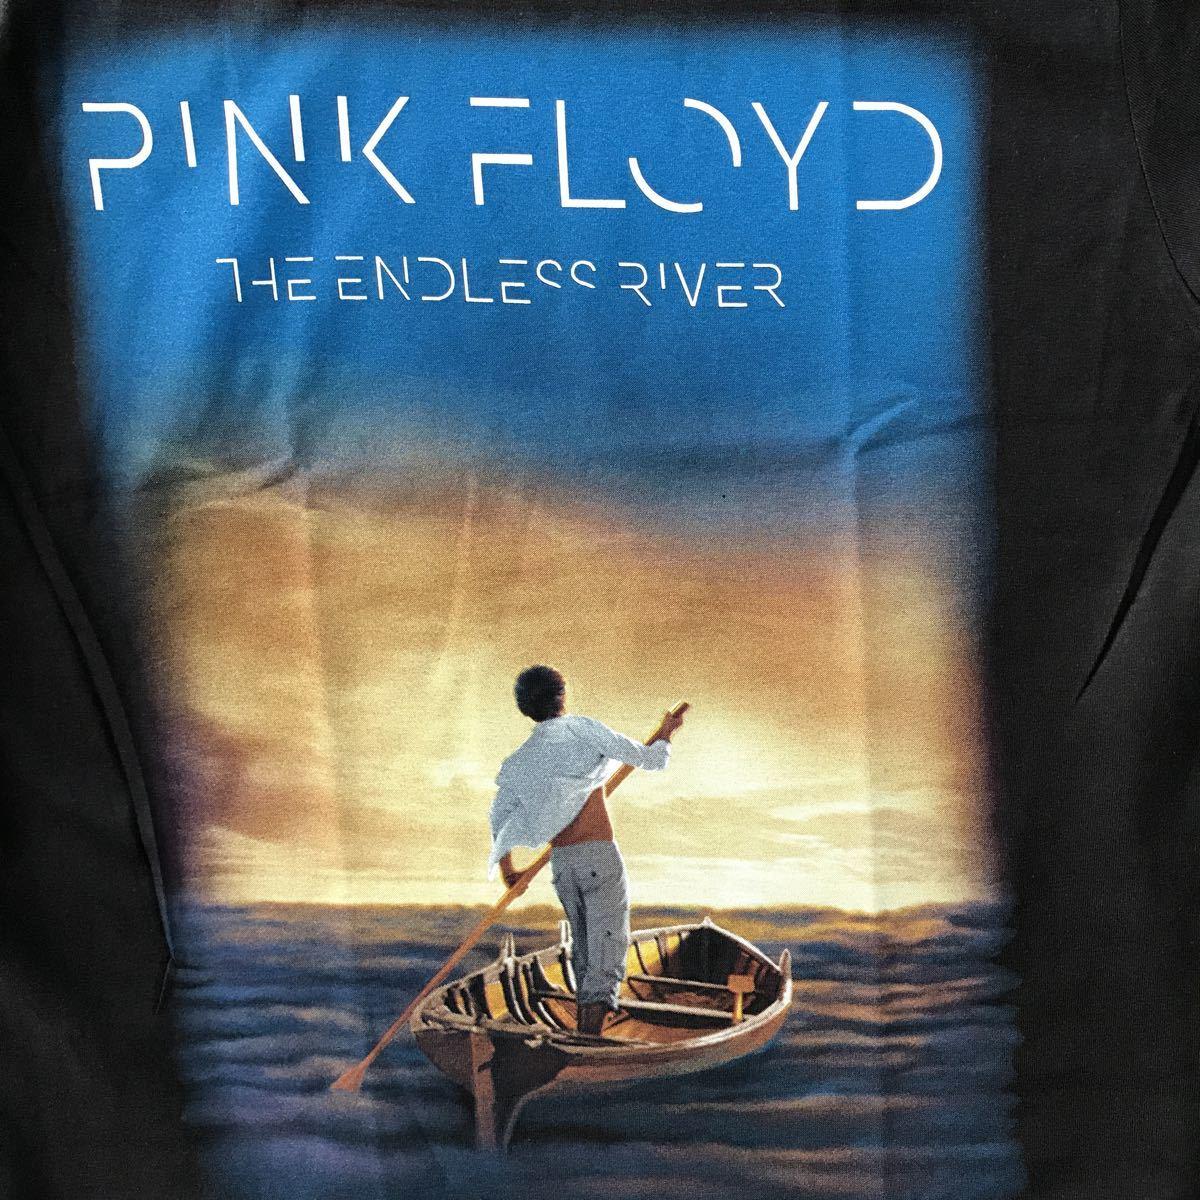 バンドTシャツ ピンクフロイド(PINK FLOYD)新品M_画像2